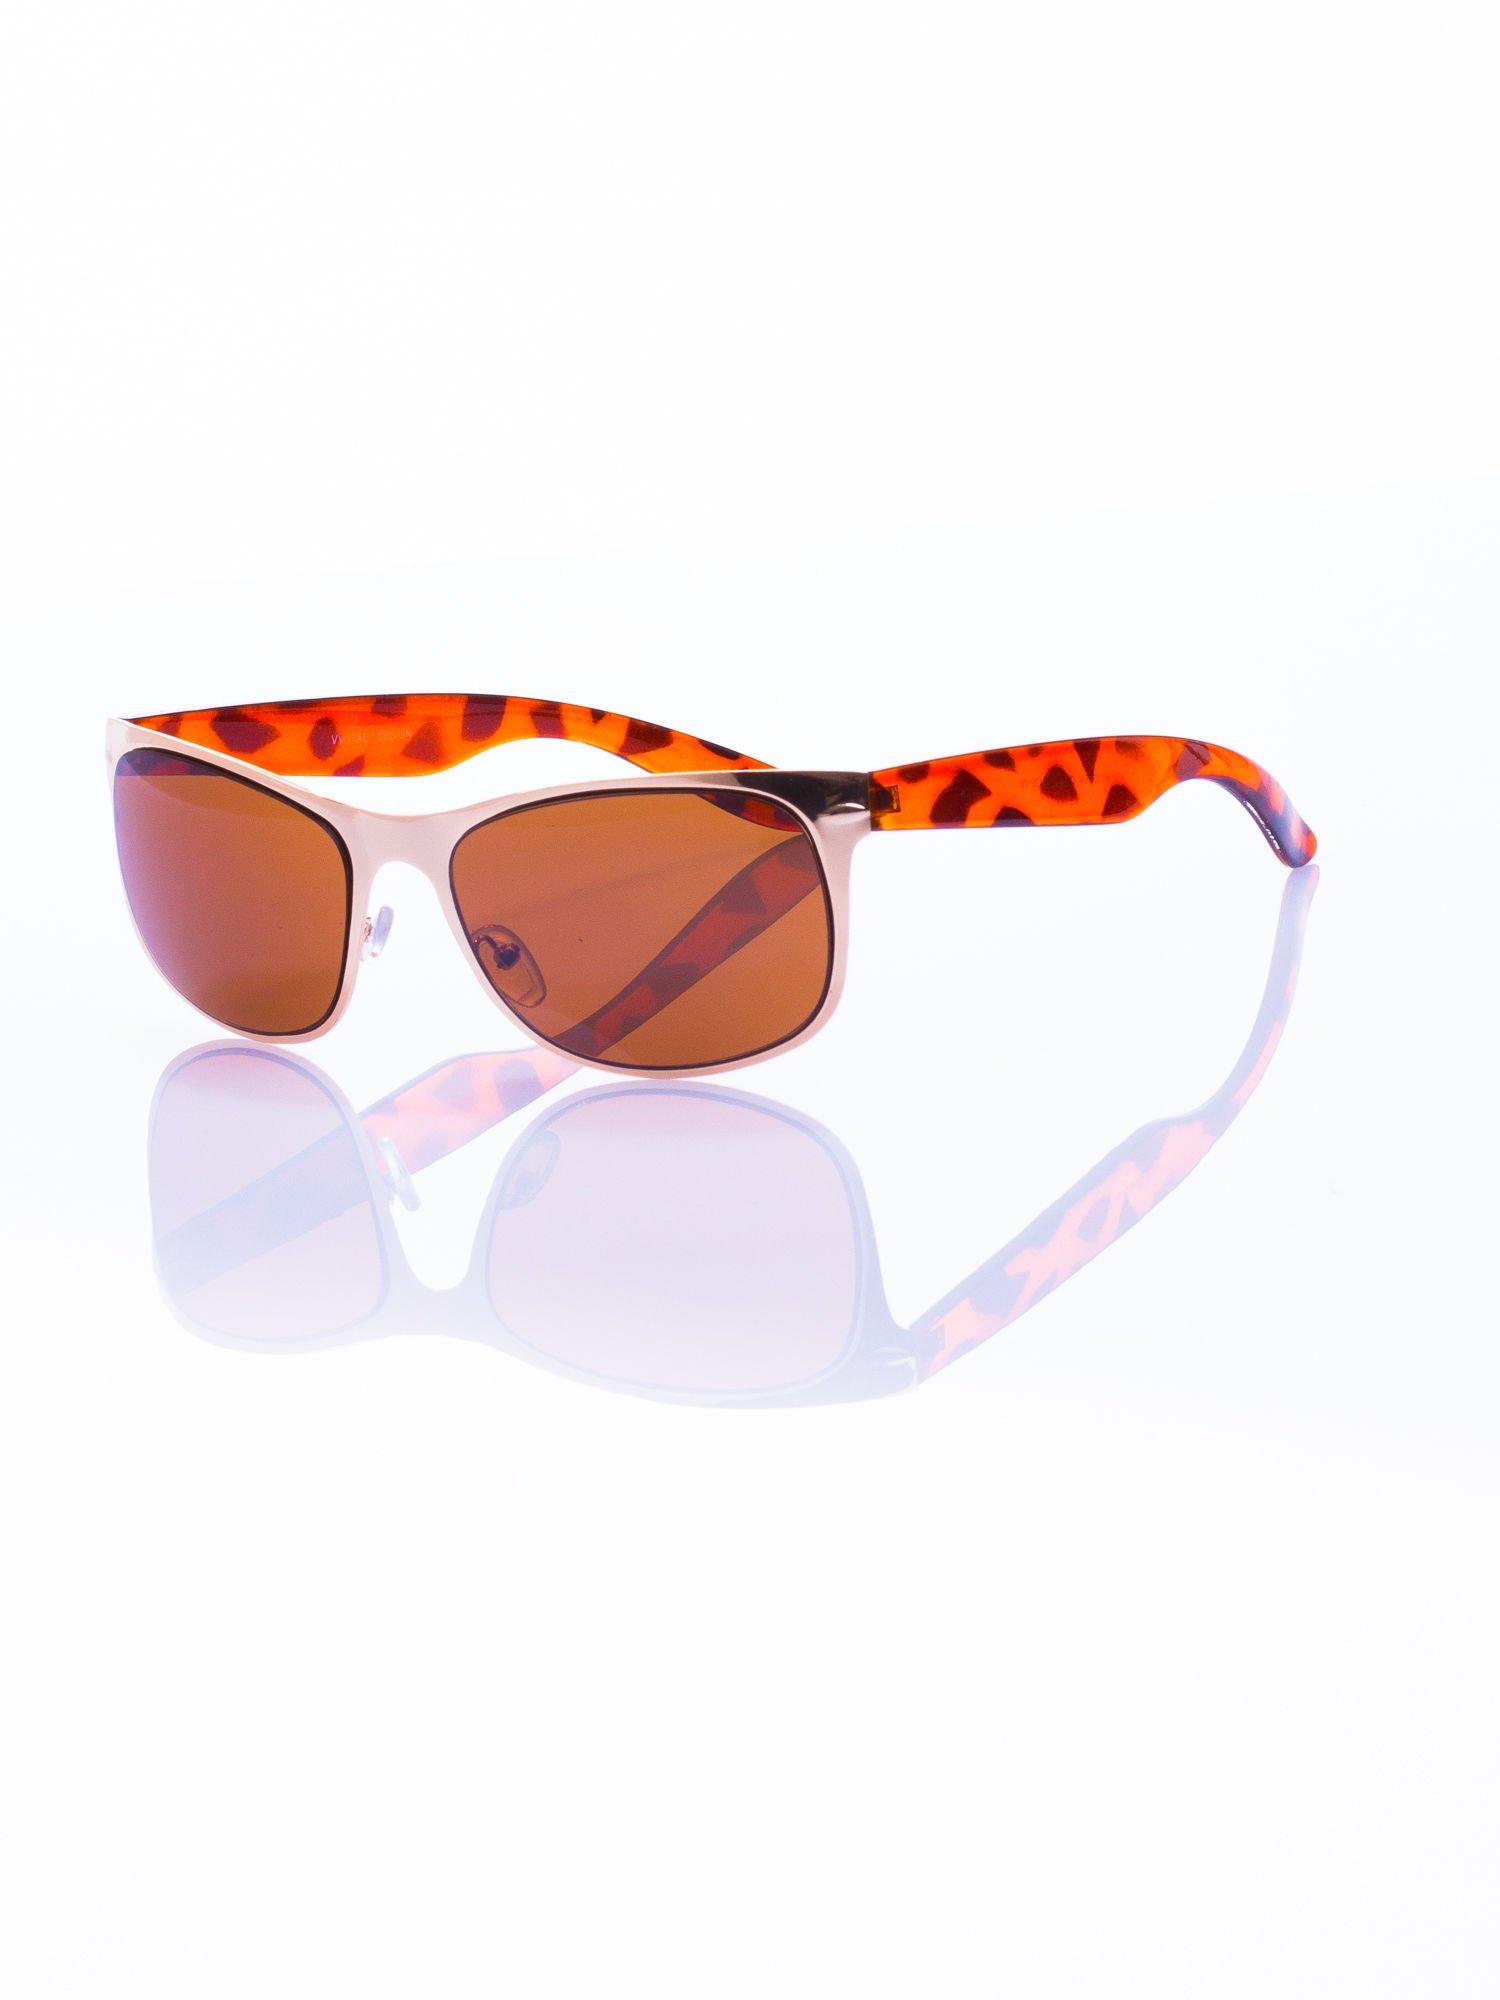 Złote okulary przeciwsłoneczne                                   zdj.                                  1